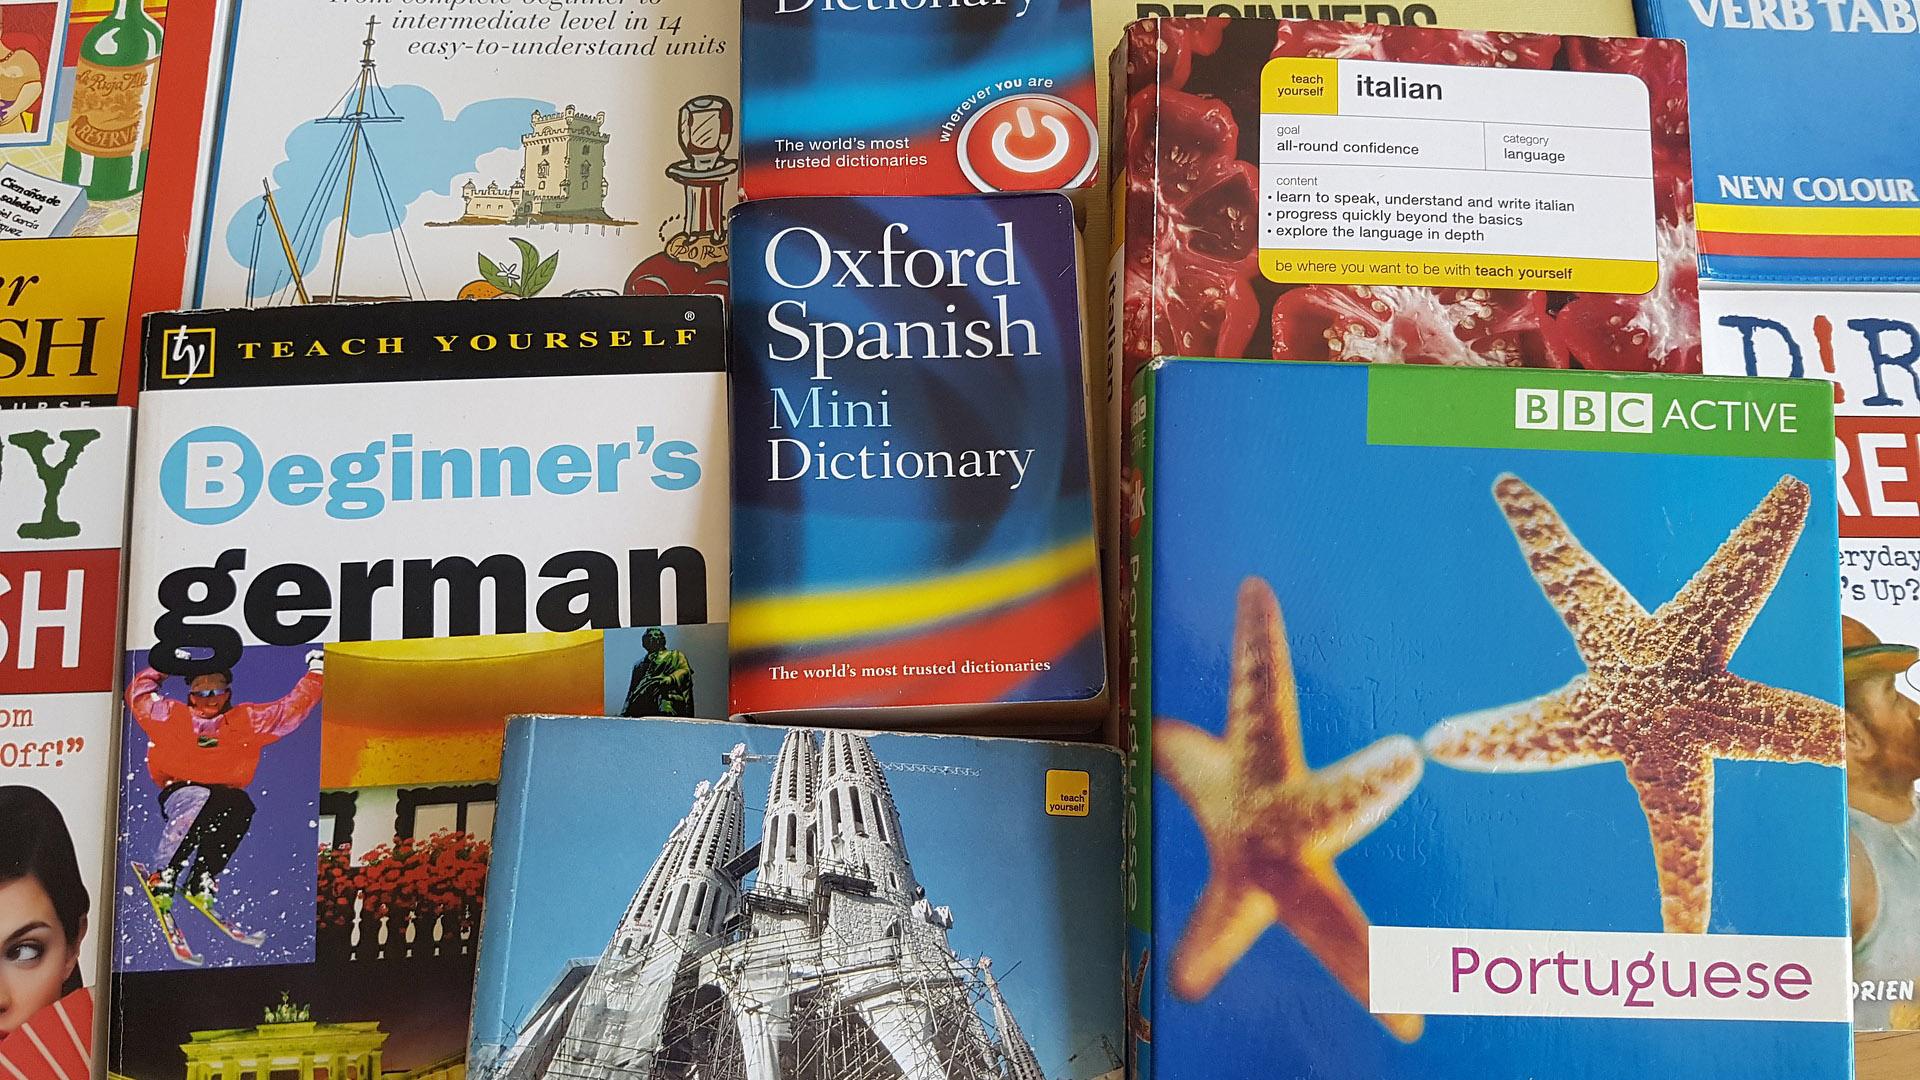 Sentiment Analysis | Una maggiore apertura verso lingue diverse dall'inglese